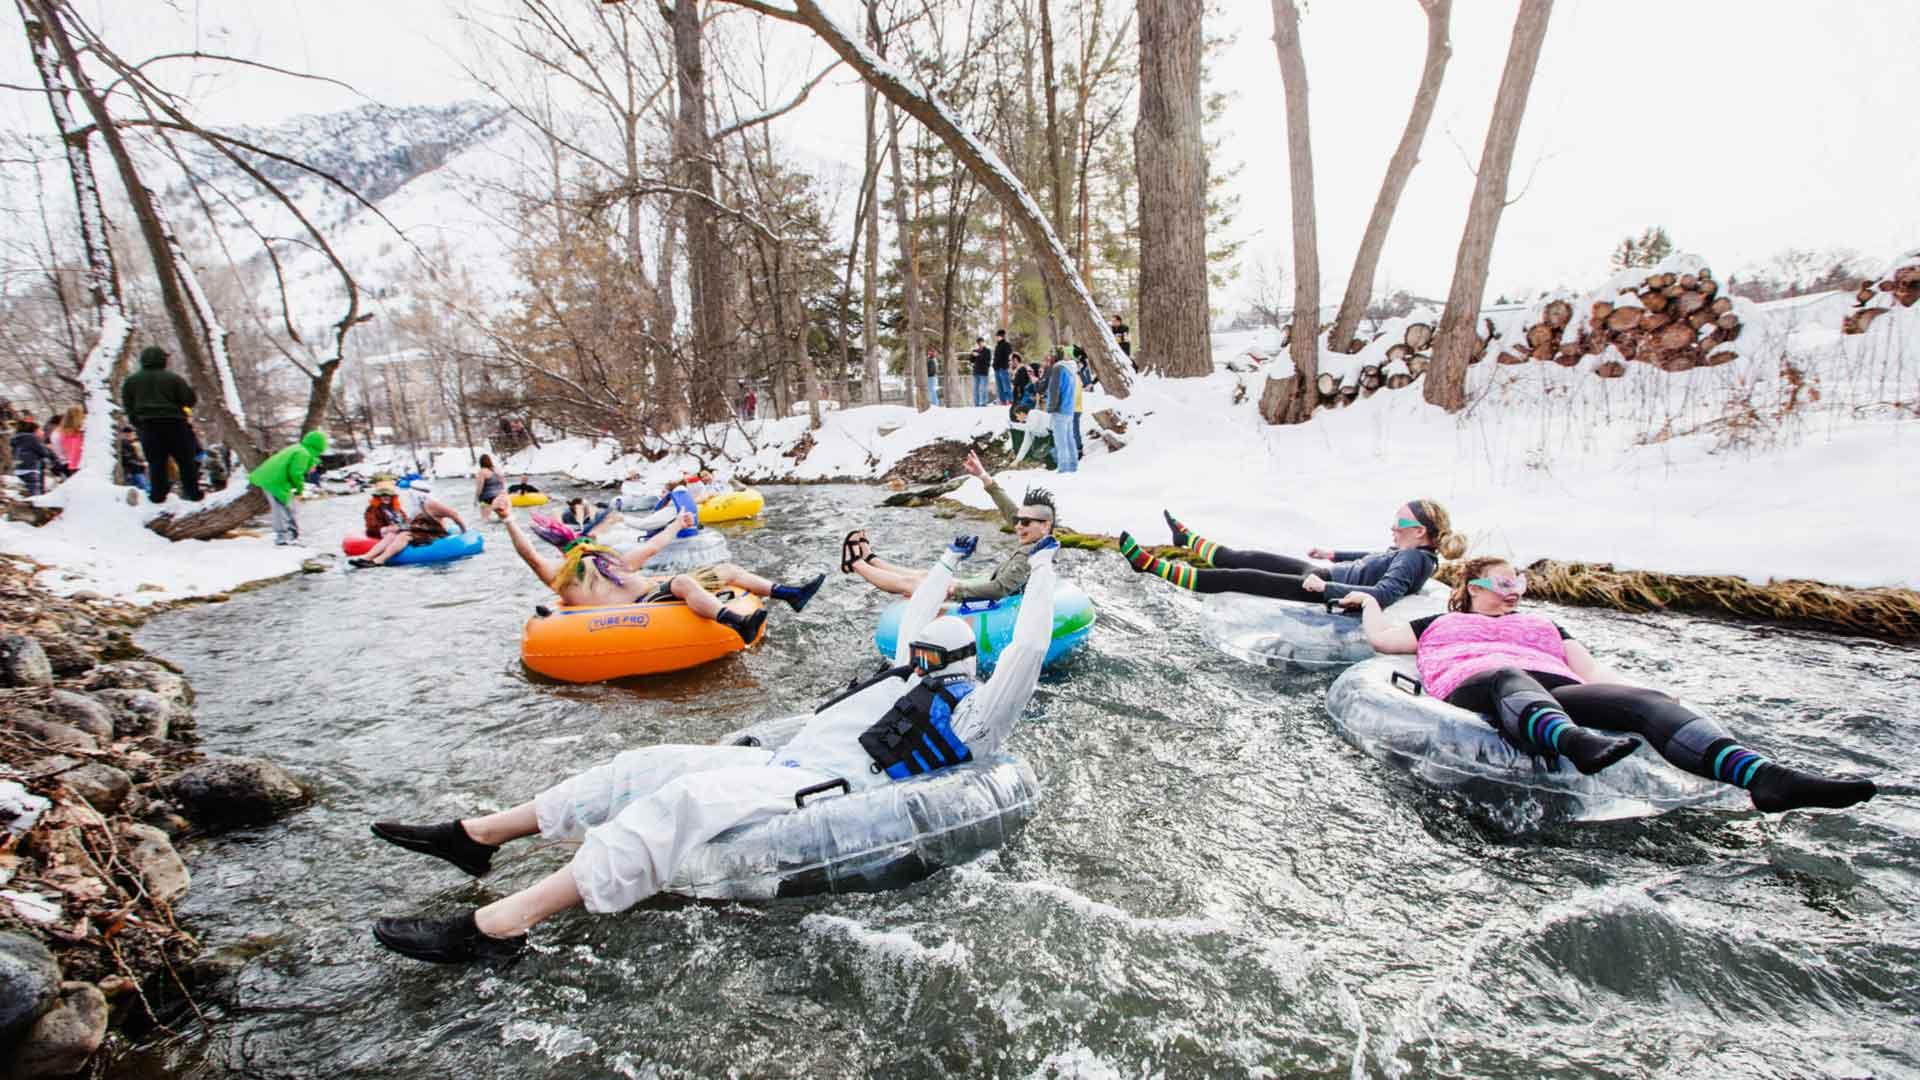 Actividades de invierno con sabor a cultura, cerveza y adrenalina